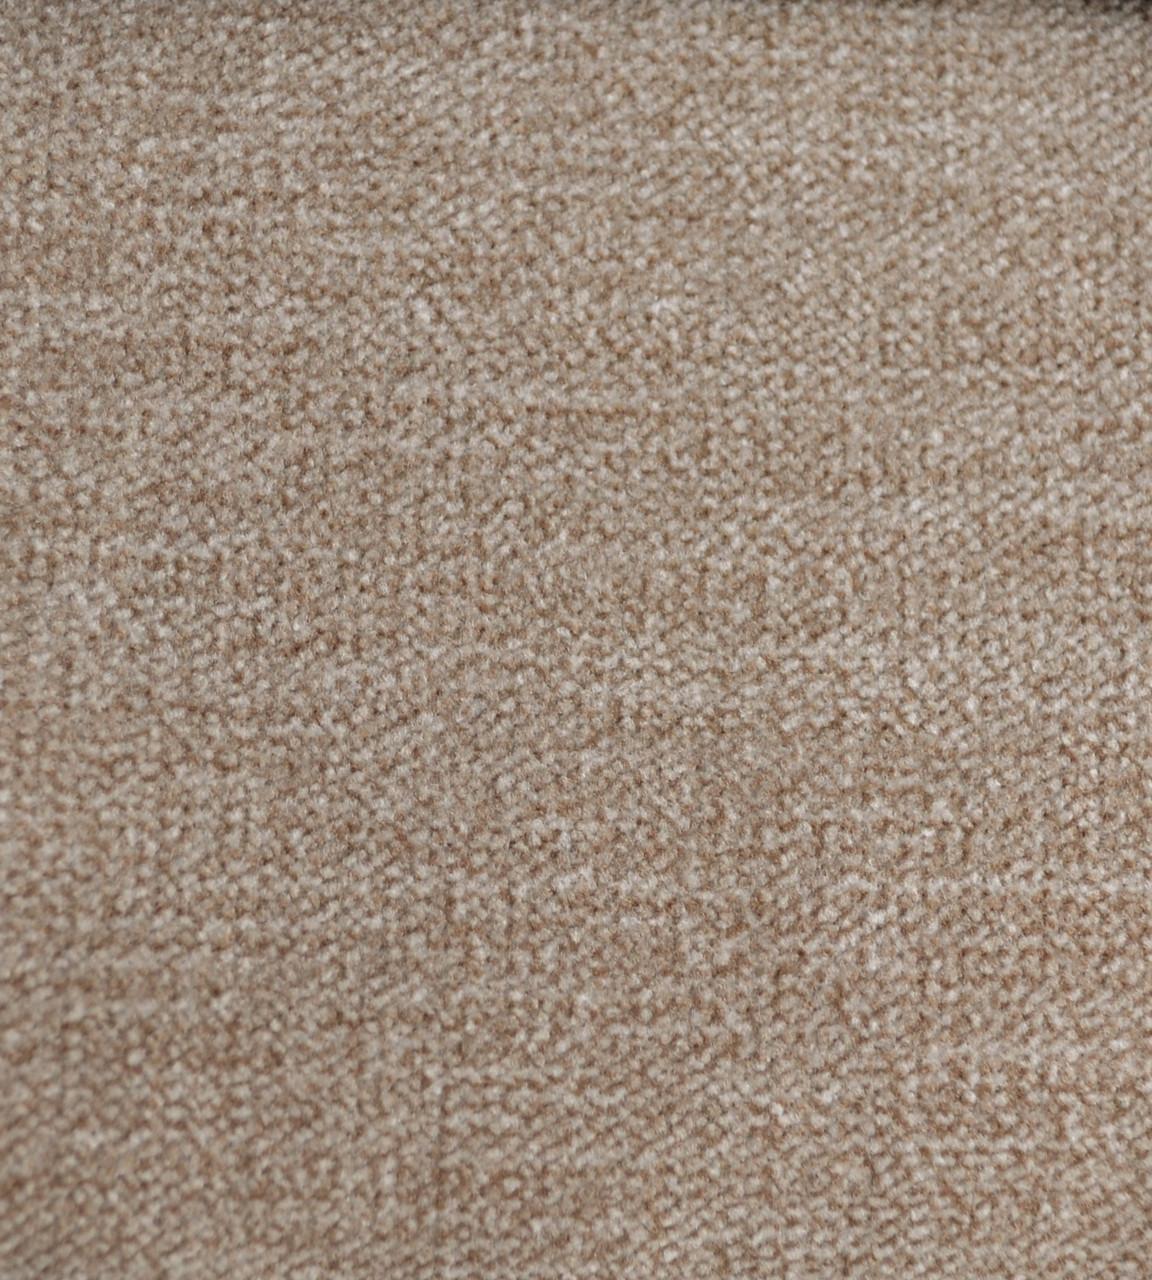 Мебельная ткань Уго плейн беж 2